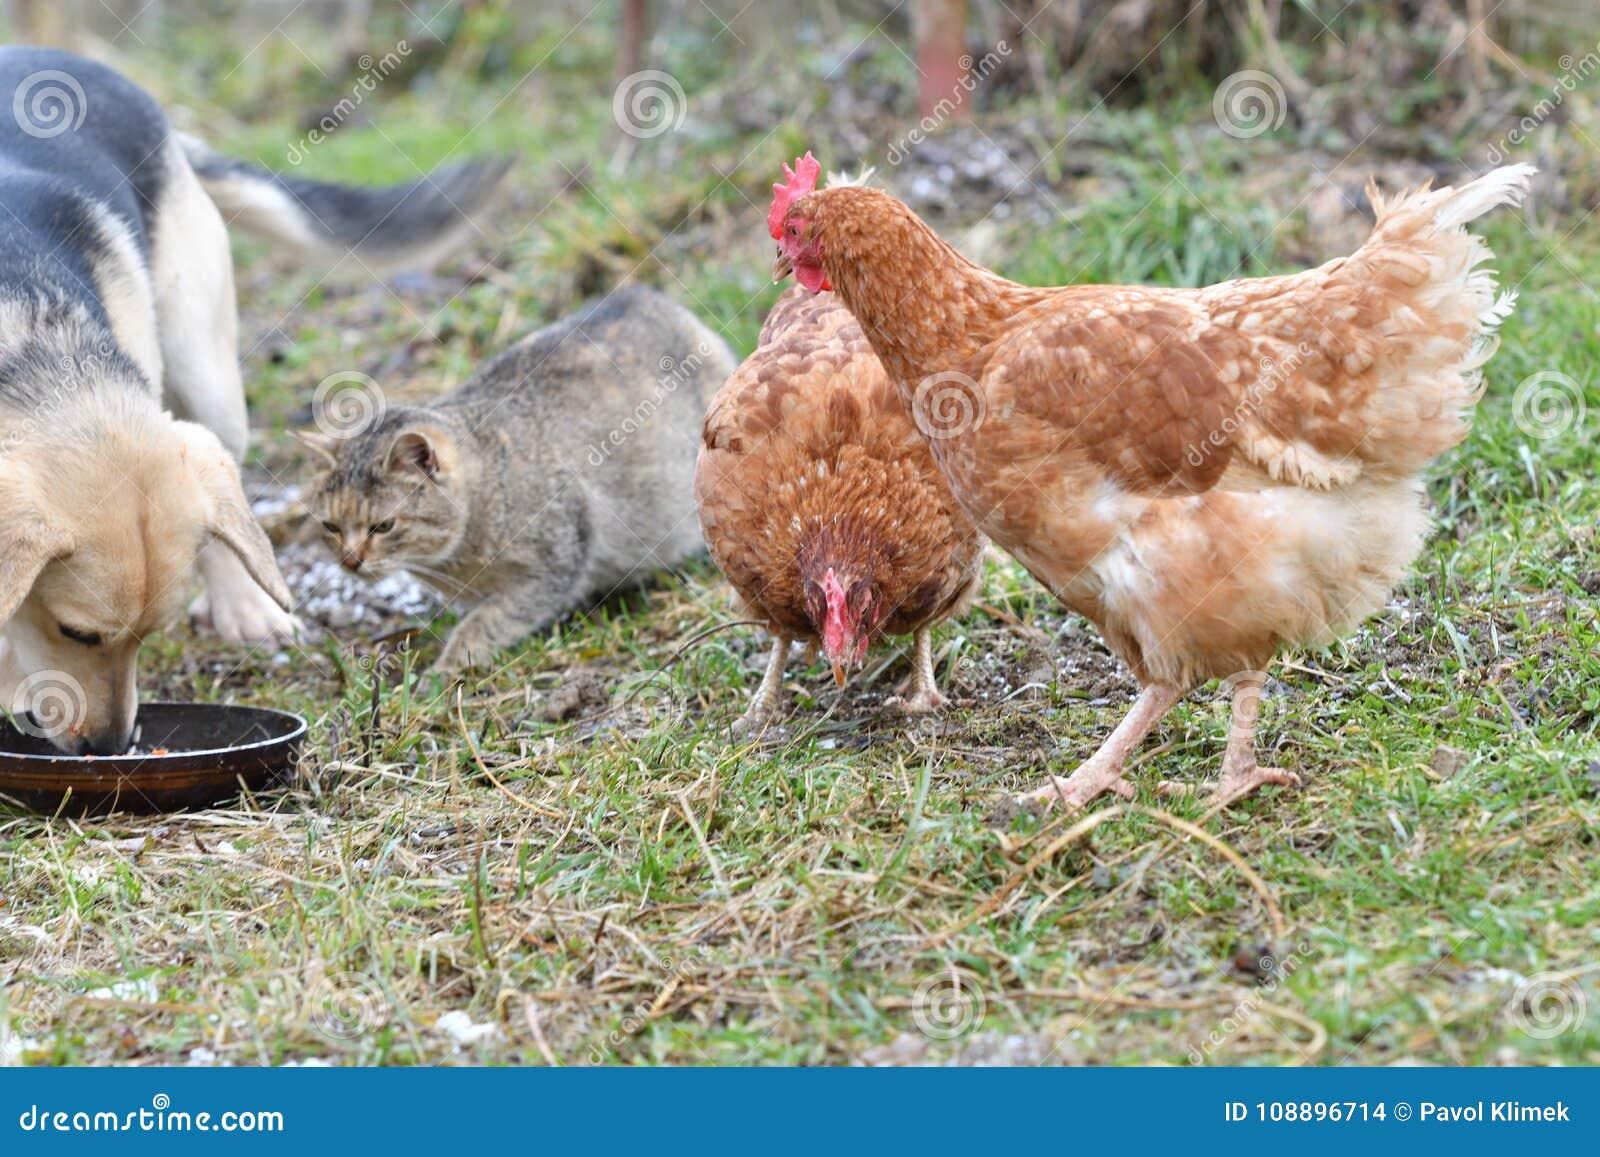 Φιλική κατανάλωση γατών και σκυλιών κοτόπουλου κατοικίδιων ζώων από κοινού